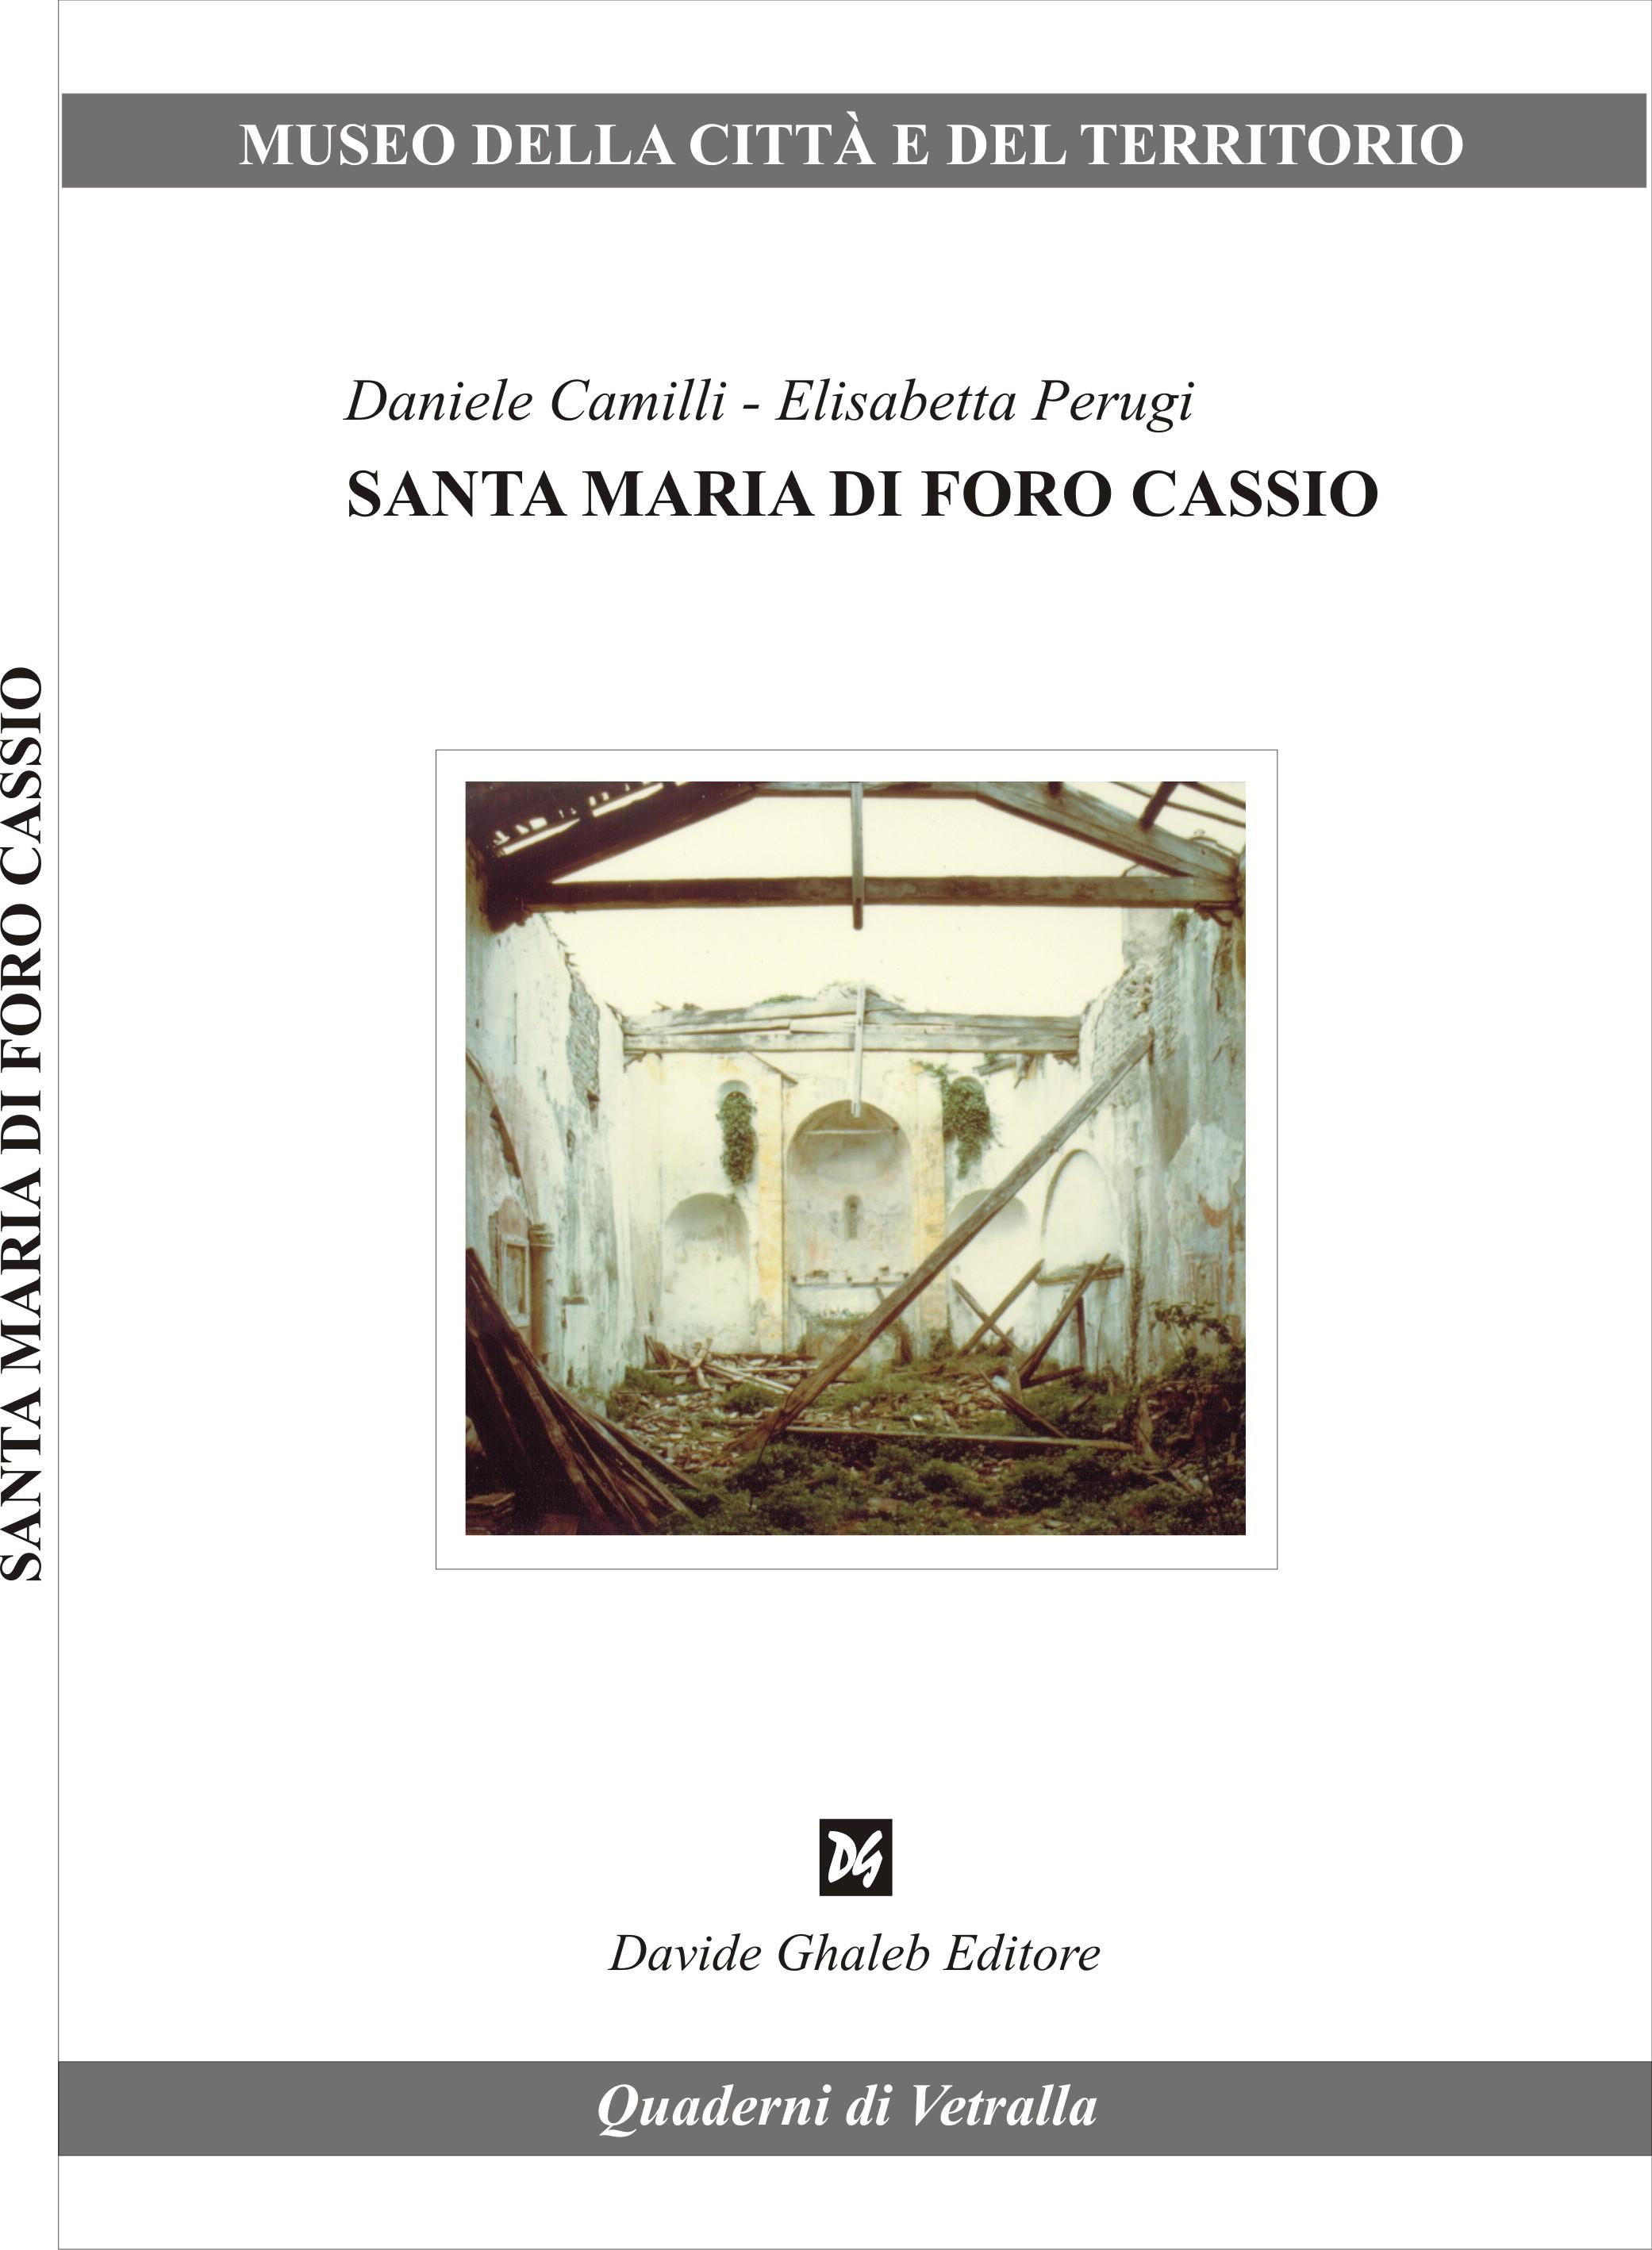 Santa Maria di Foro Cassio